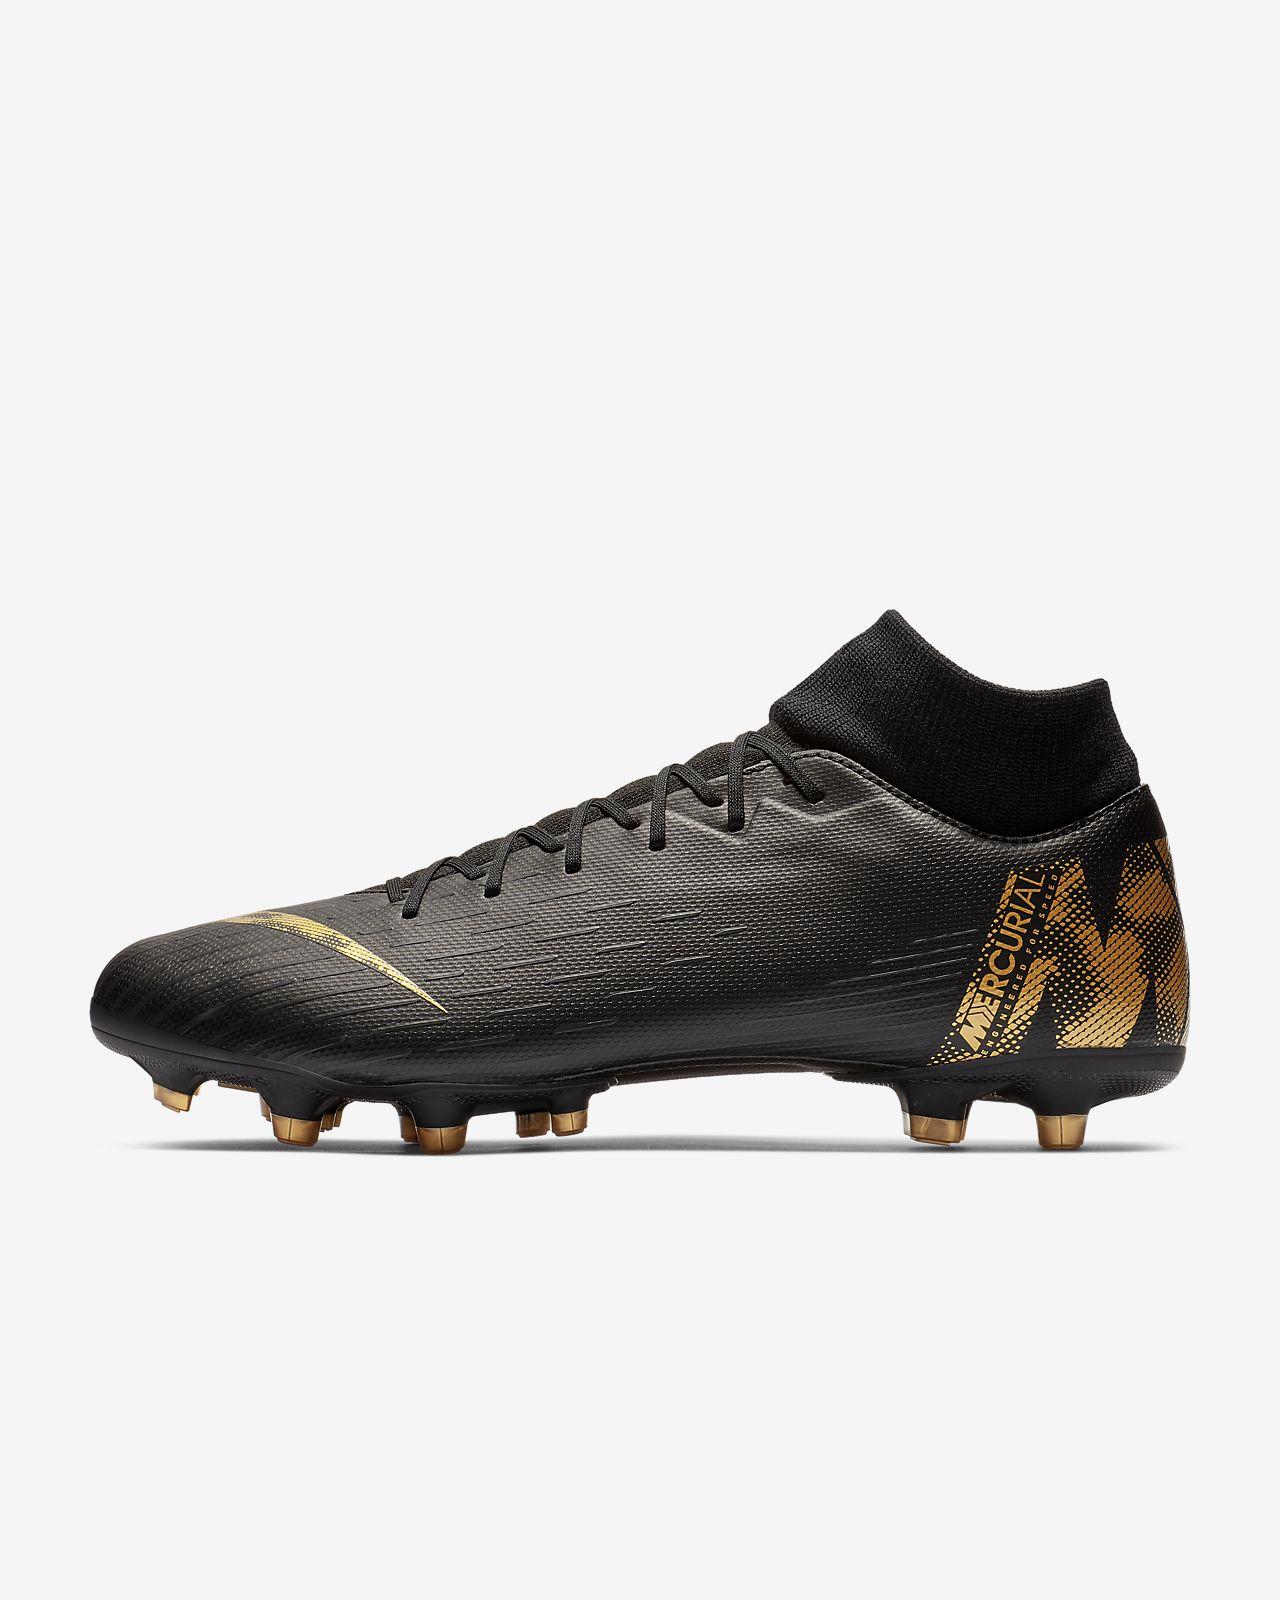 Fotbollssko för varierat underlag Nike Mercurial Superfly 6 Academy MG för män